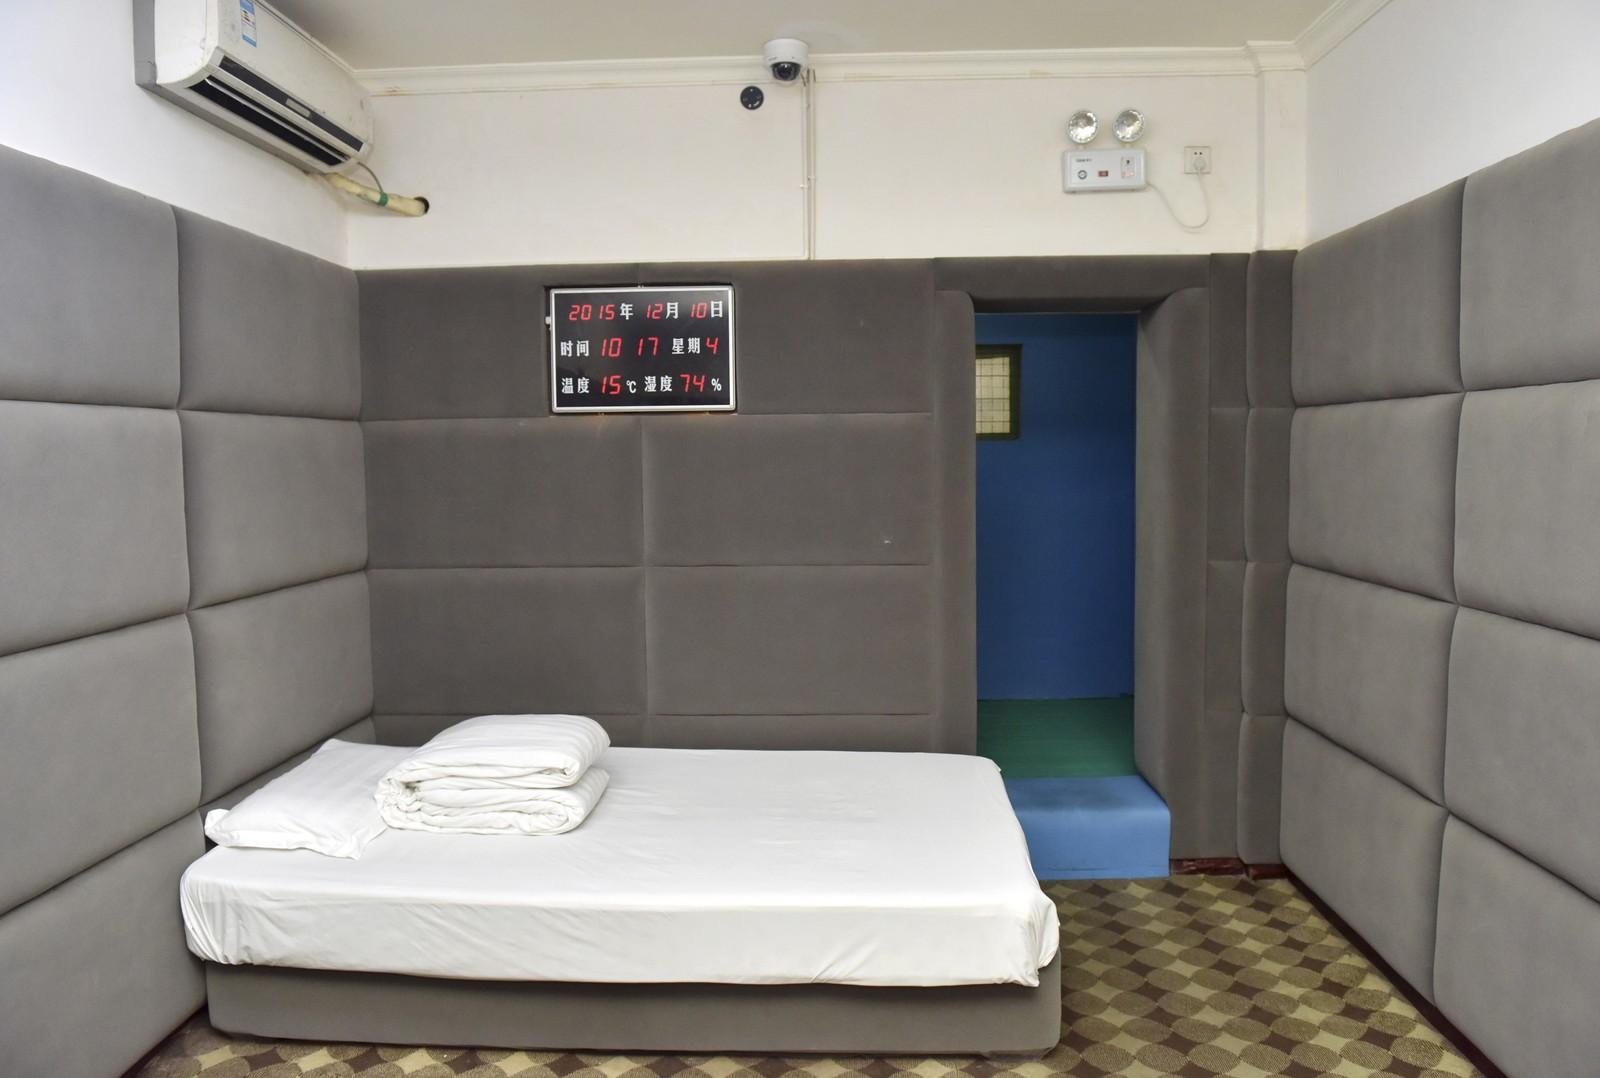 En fengselscelle i Sichuan, Kina der interiøret er laget i myke materialer for å hindre selvmord. Også skjeene fangene spiser med er så myke at de ikke skal kunne brukes som våpen.